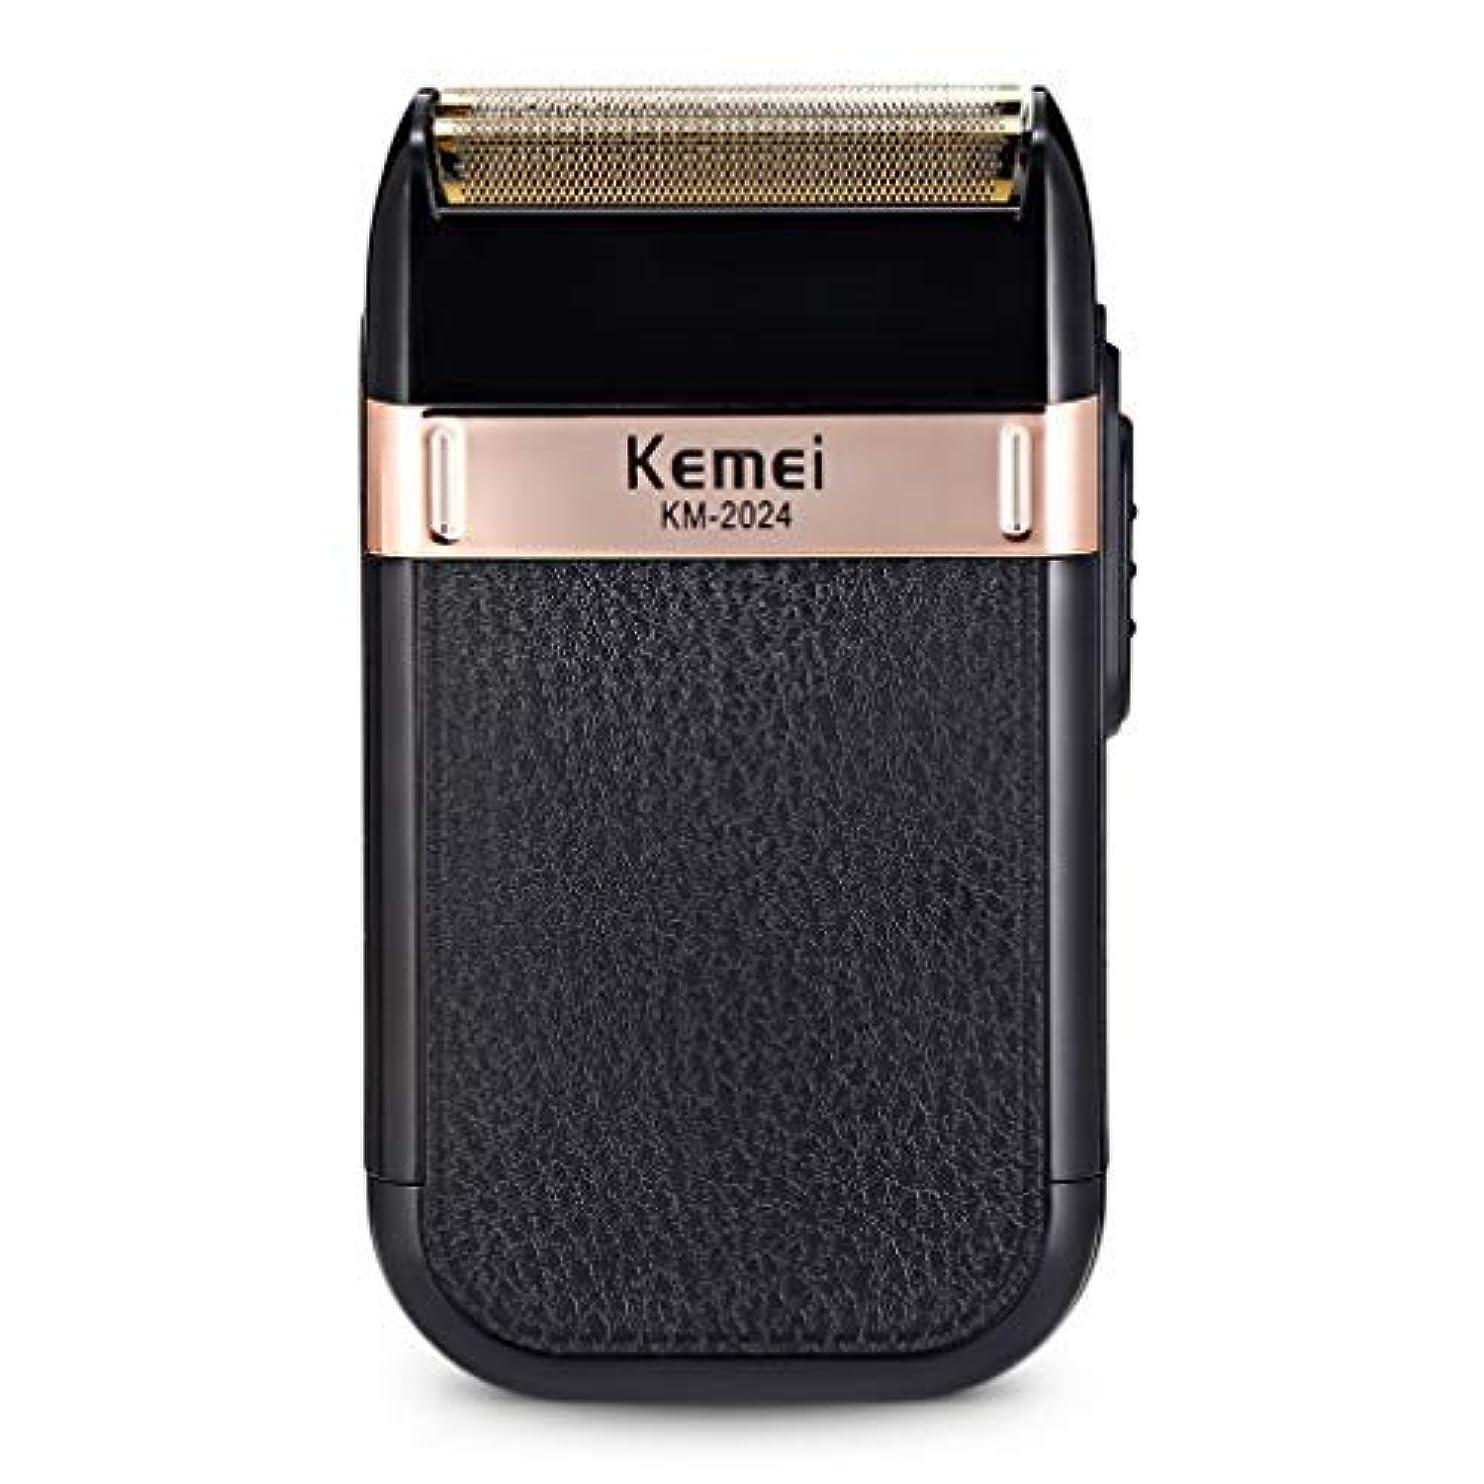 教育多数のプレゼンキロ - レシプロダブルメッシュレイザー金と銀のナイフネットボディウォッシュを充電2024For Kemei充電式Usbの